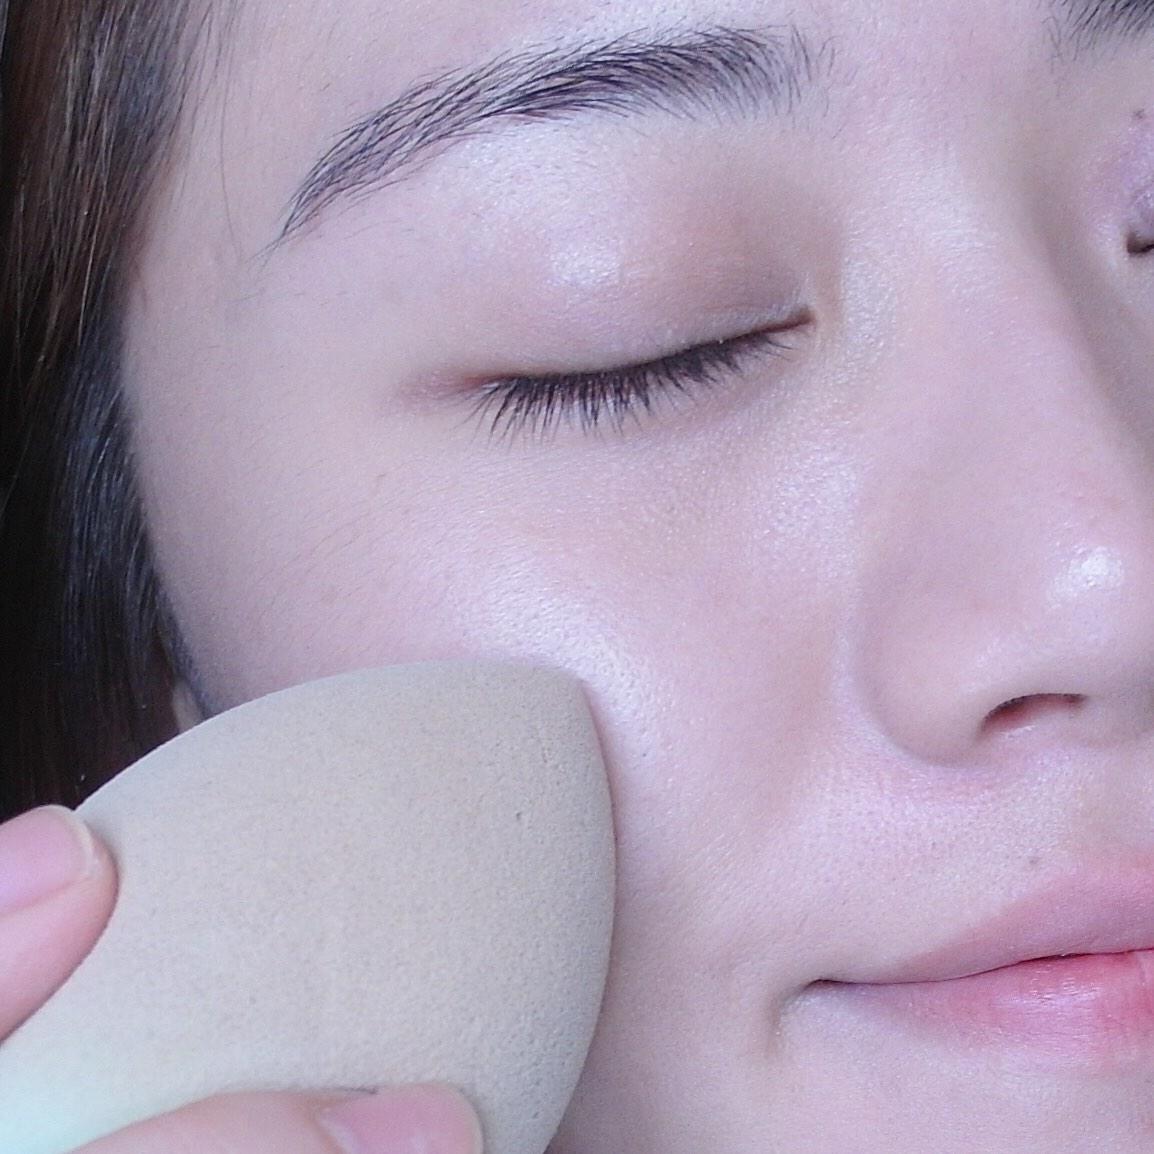 將粉底均勻點在臉上,但不要一次用太多喔!少量多次的上妝方式才會讓妝感看起來更輕薄自然,使用沾濕的美妝蛋輕拍上妝,上妝的力道不要太大力。